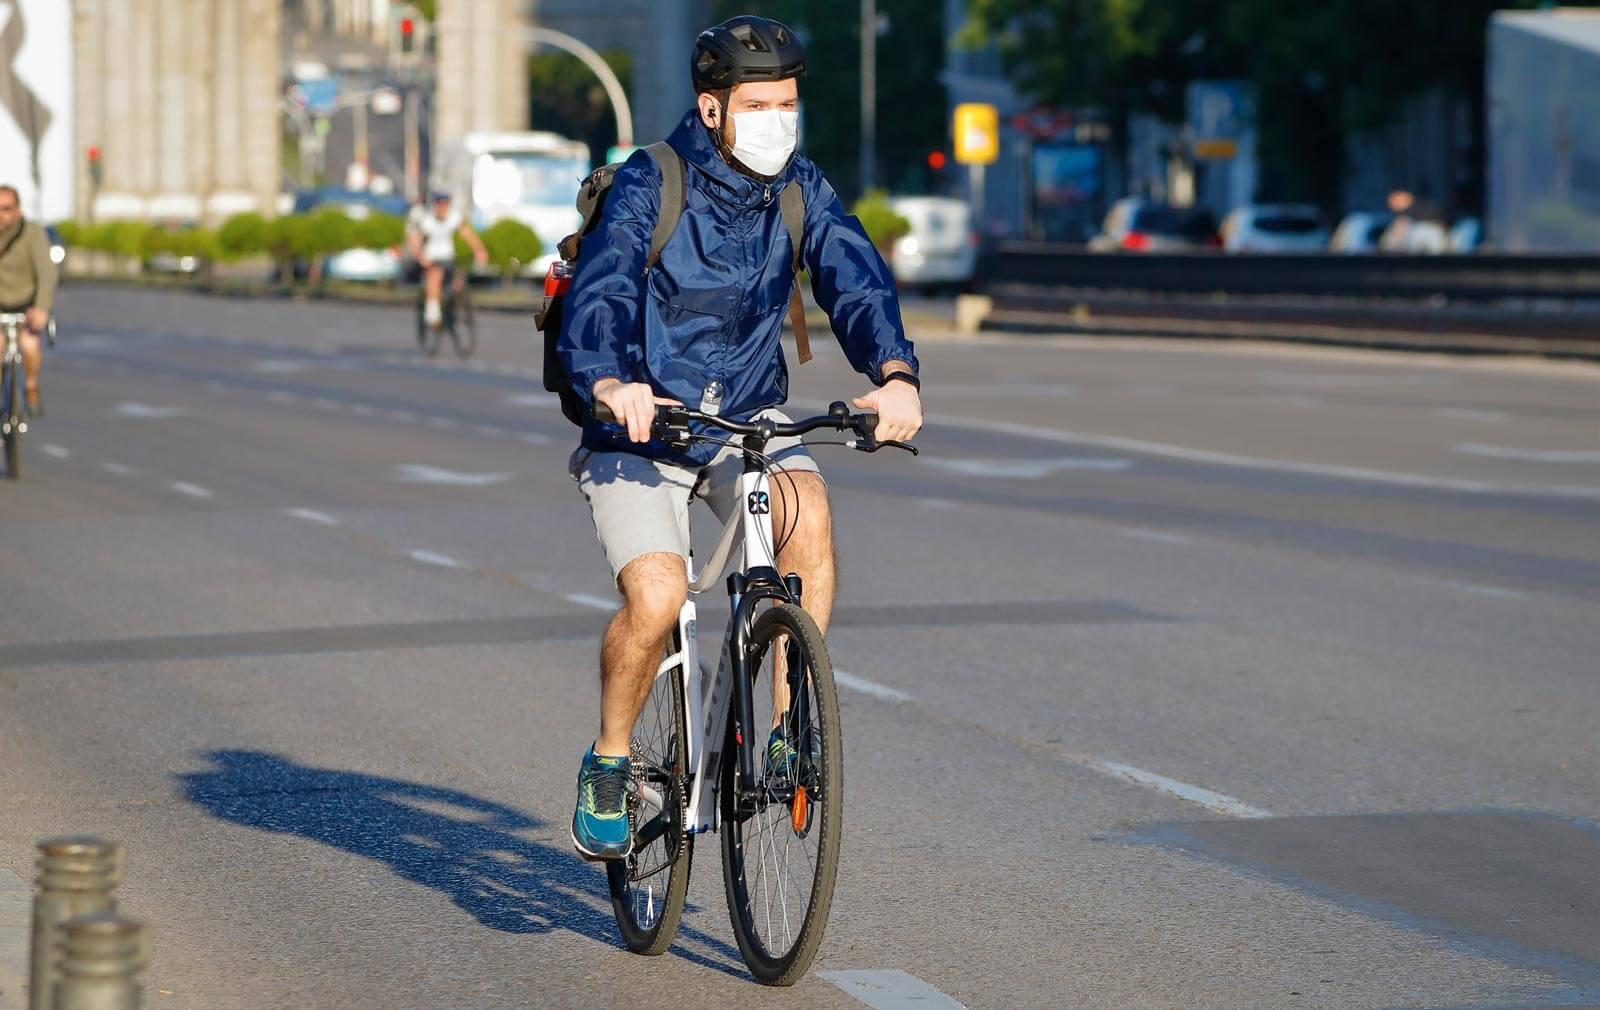 circular en la calzada con bici